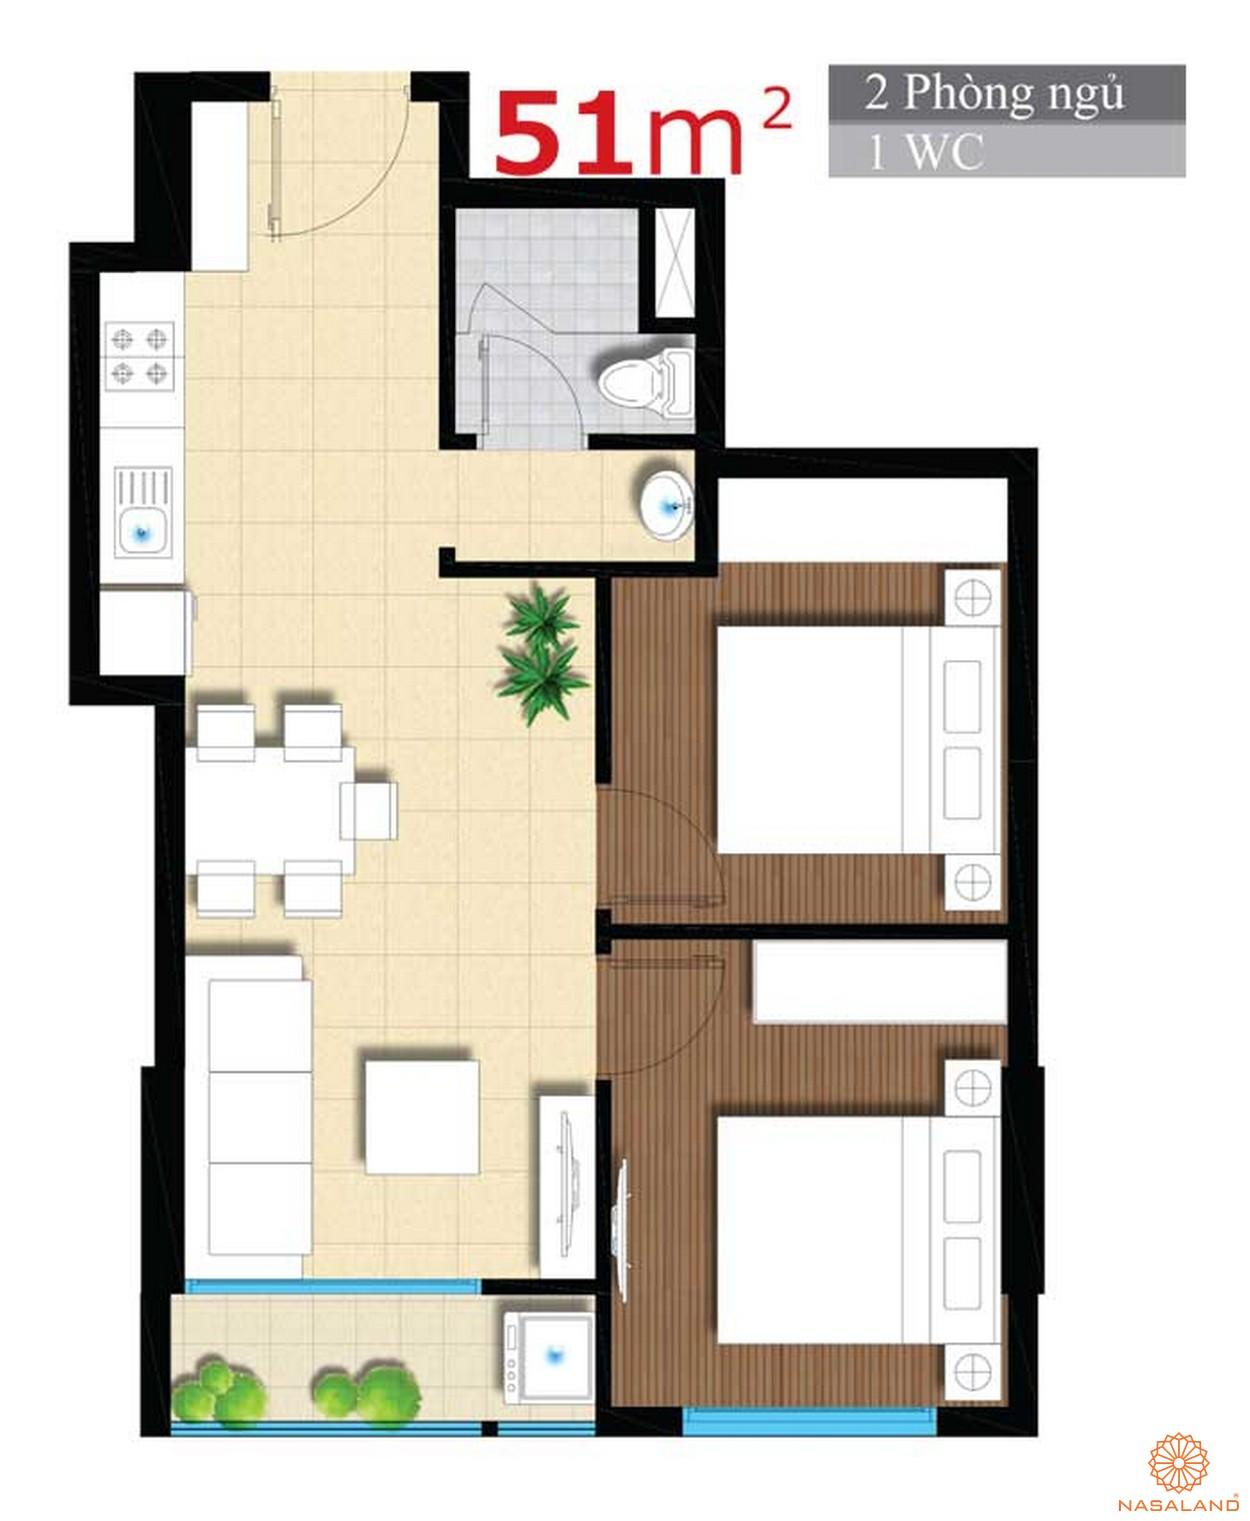 Thiết kế căn hộ An Gia Star 51m2